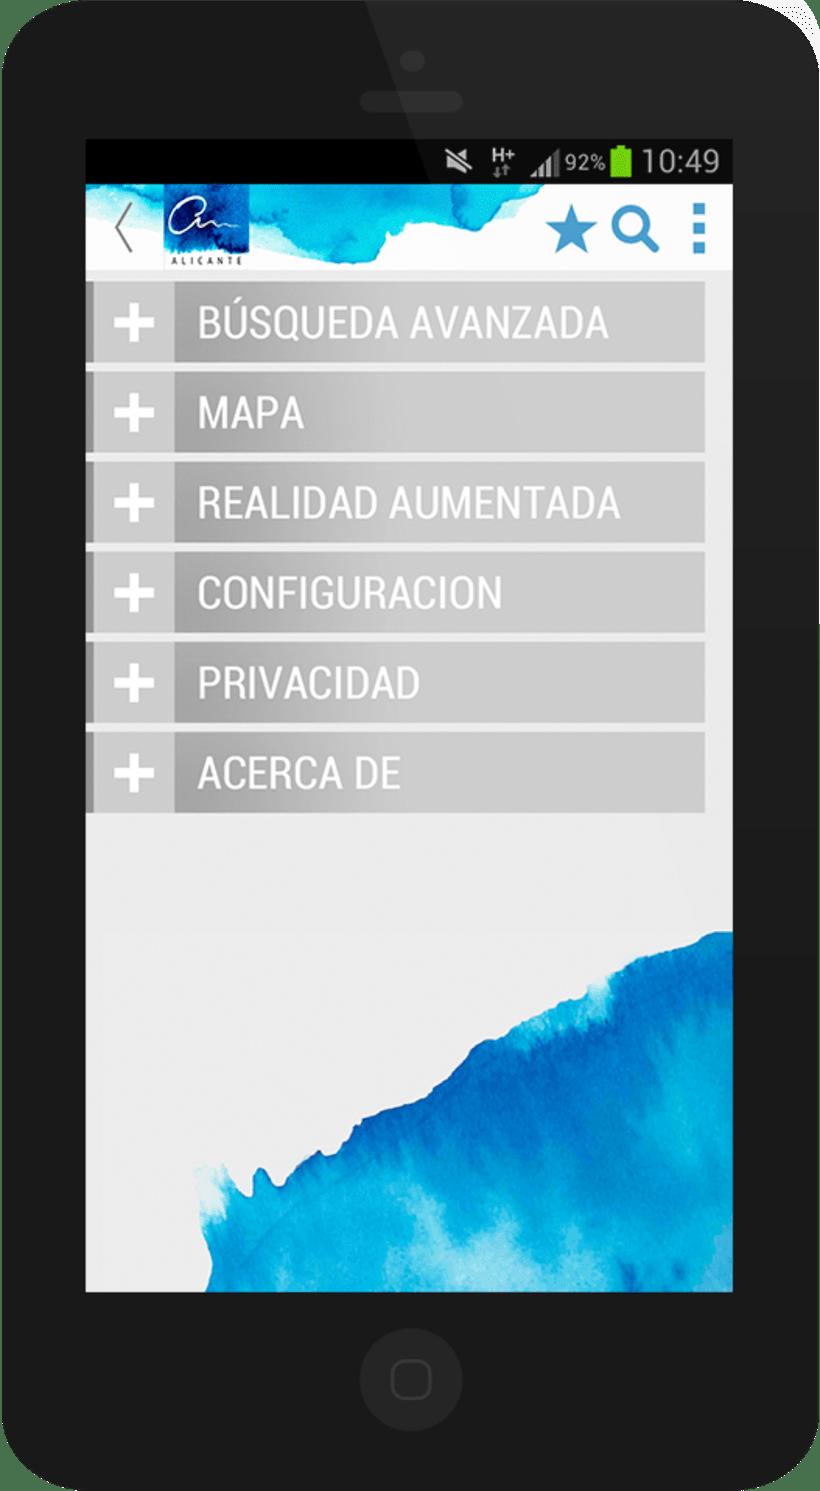 Alicante City mobile app 7